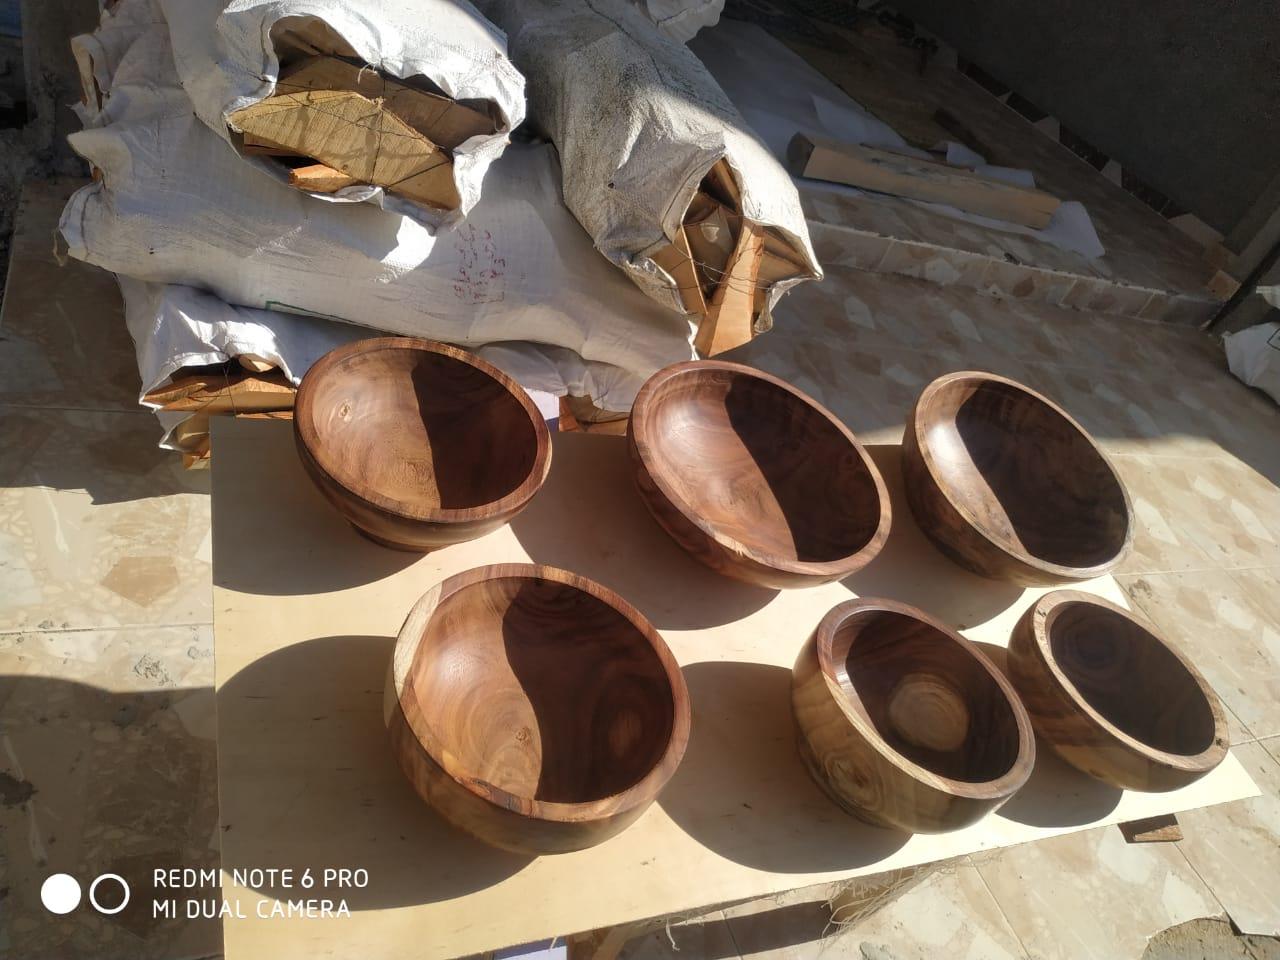 صناعة اطباق خشبية